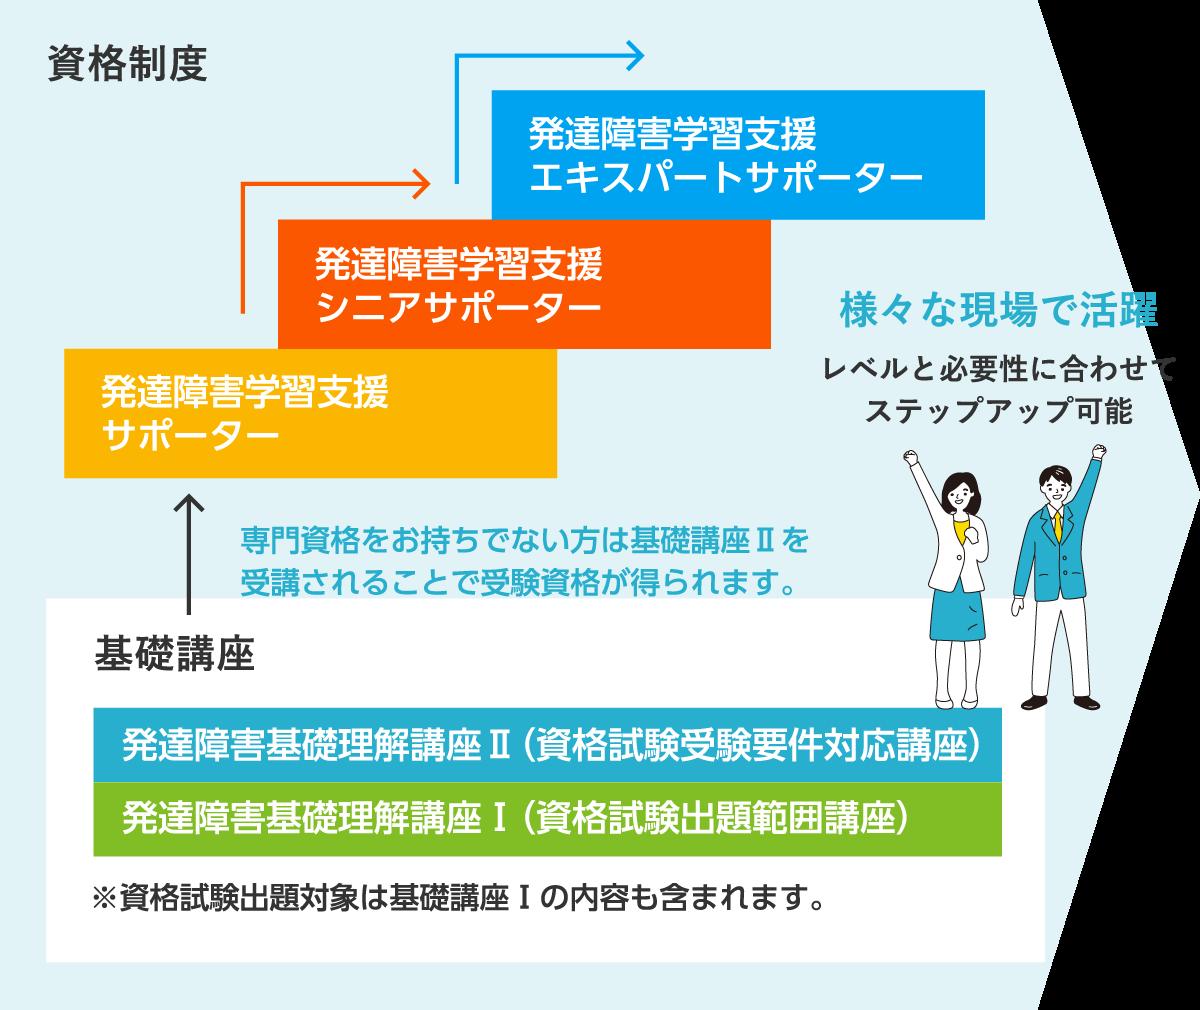 資格制度の段階図。公開講座と資格養成講座を組み合わせて学ぶことで、発達障害について基礎から体系的に学べます。